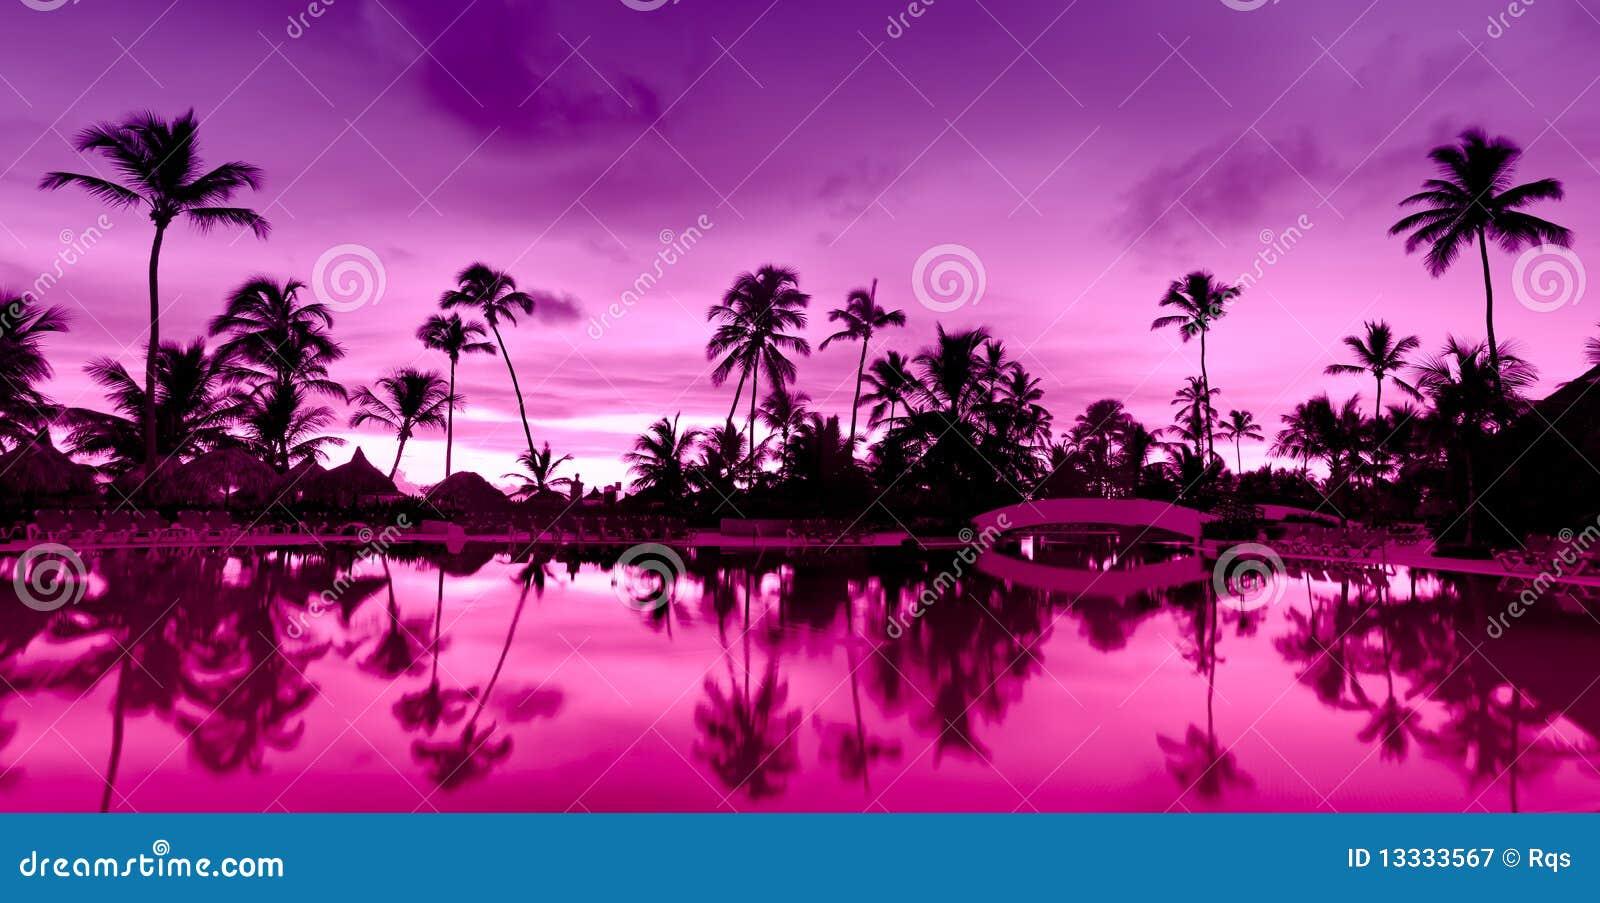 Plaża nad panoramy menchii czerwonego morza zmierzchem